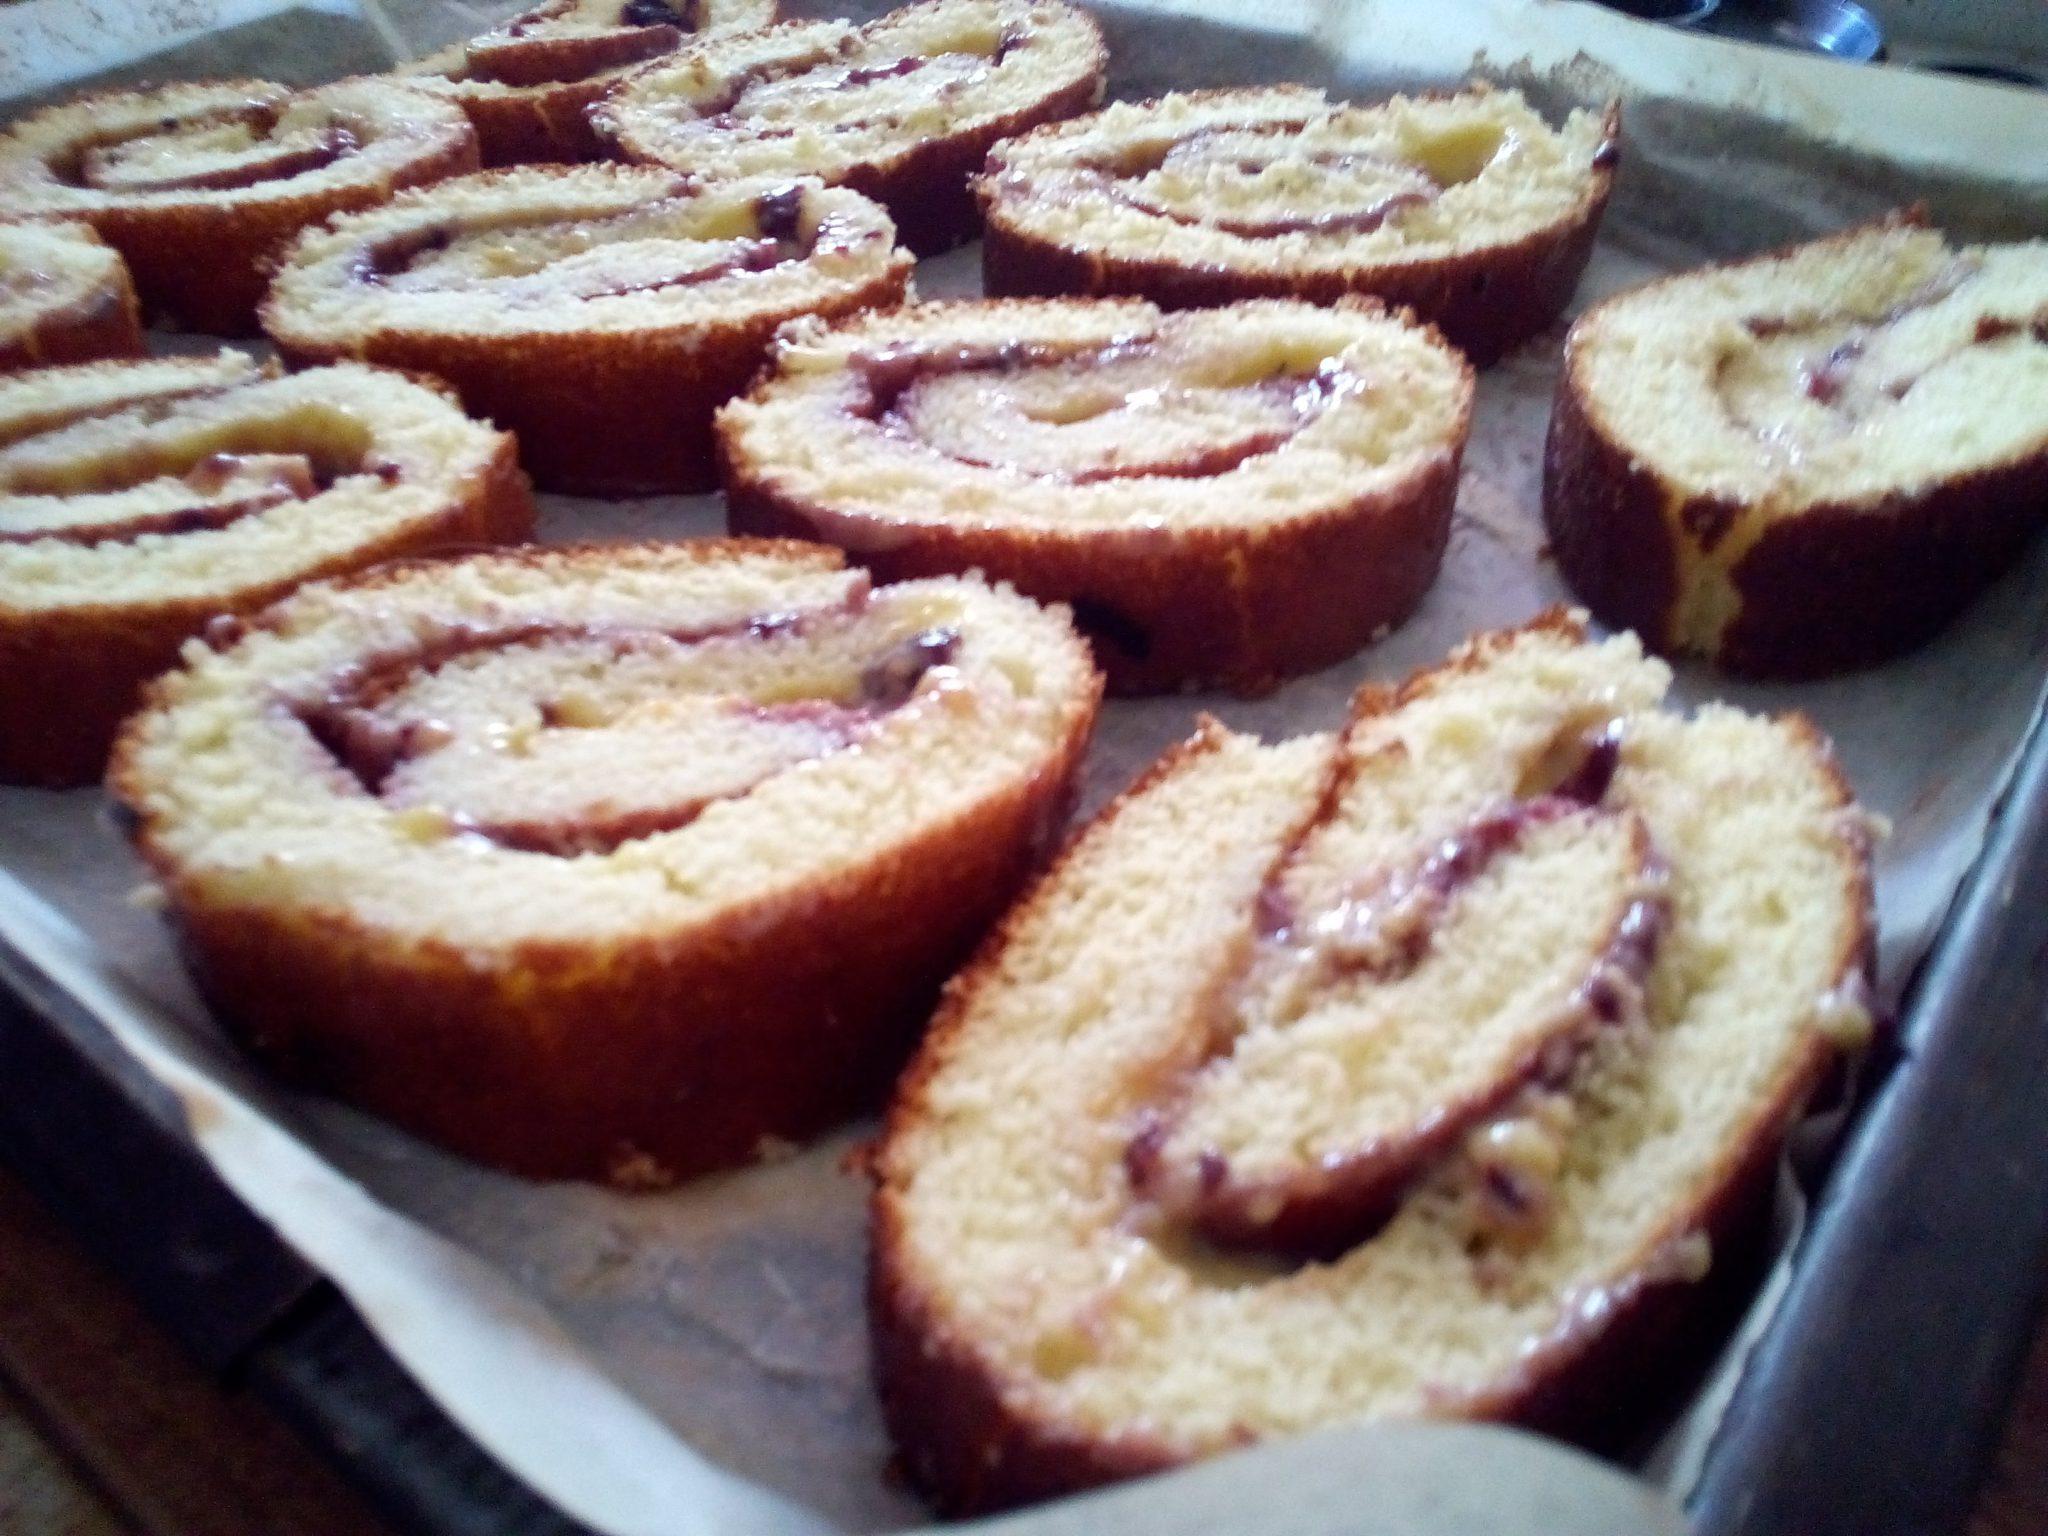 rotolo di pan di spagna e marmellata biologica di mirtilli